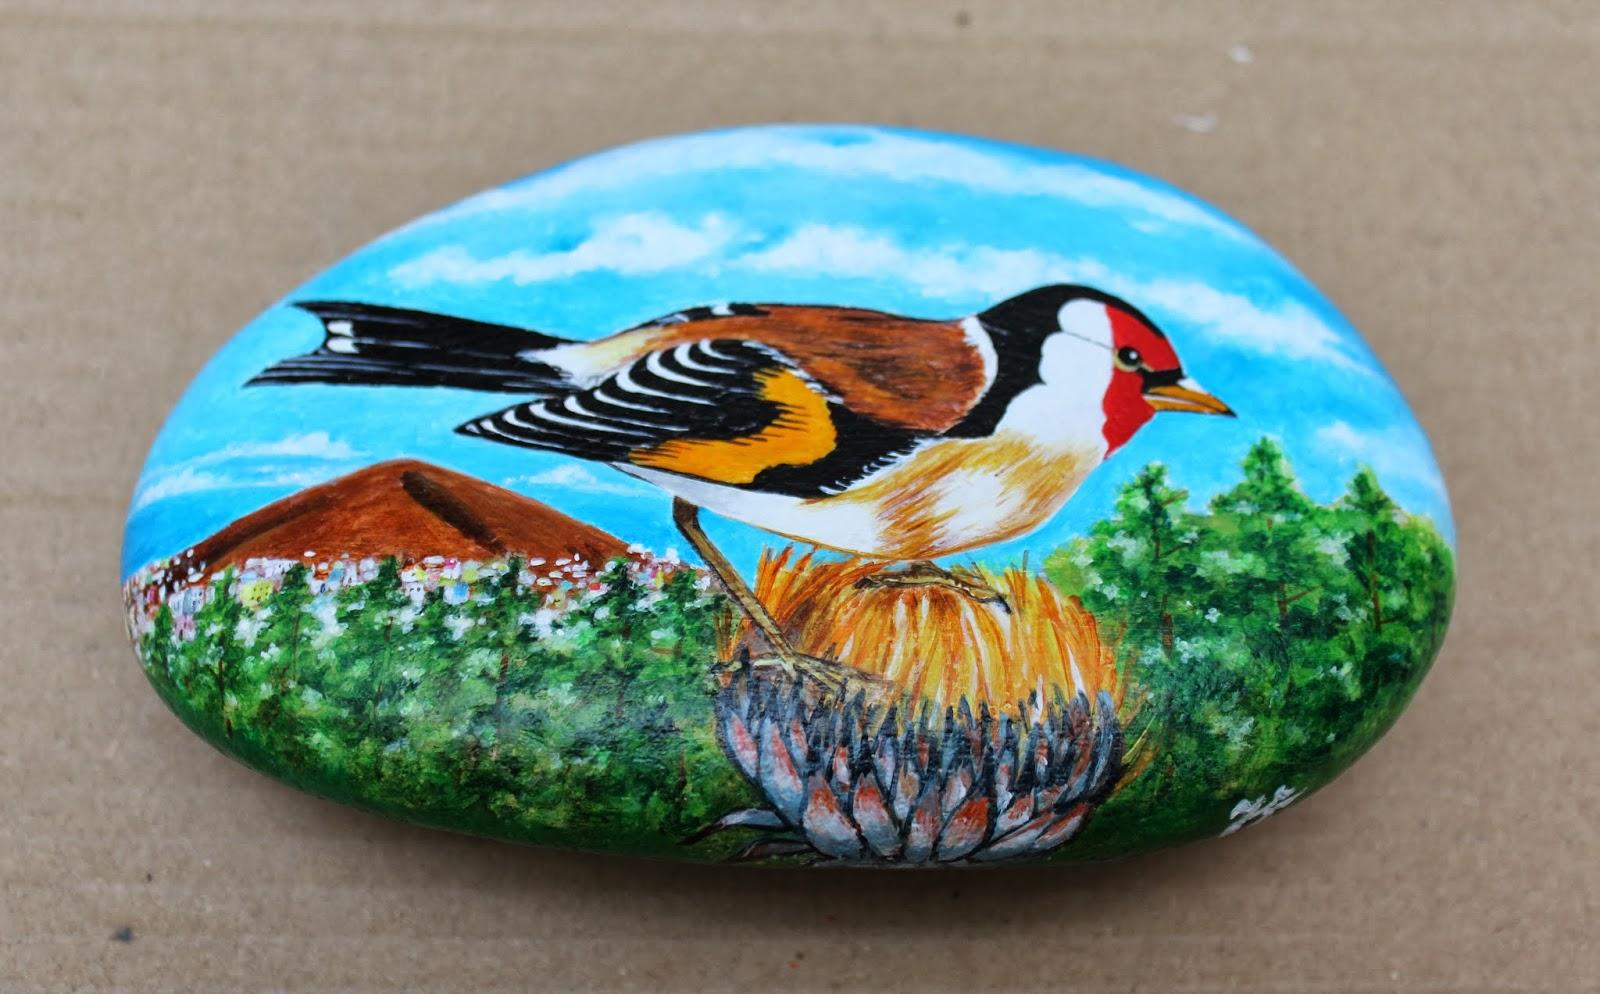 Artesano miniaturista pintura y pirograbado piedras pintadas for Pintura de piedras